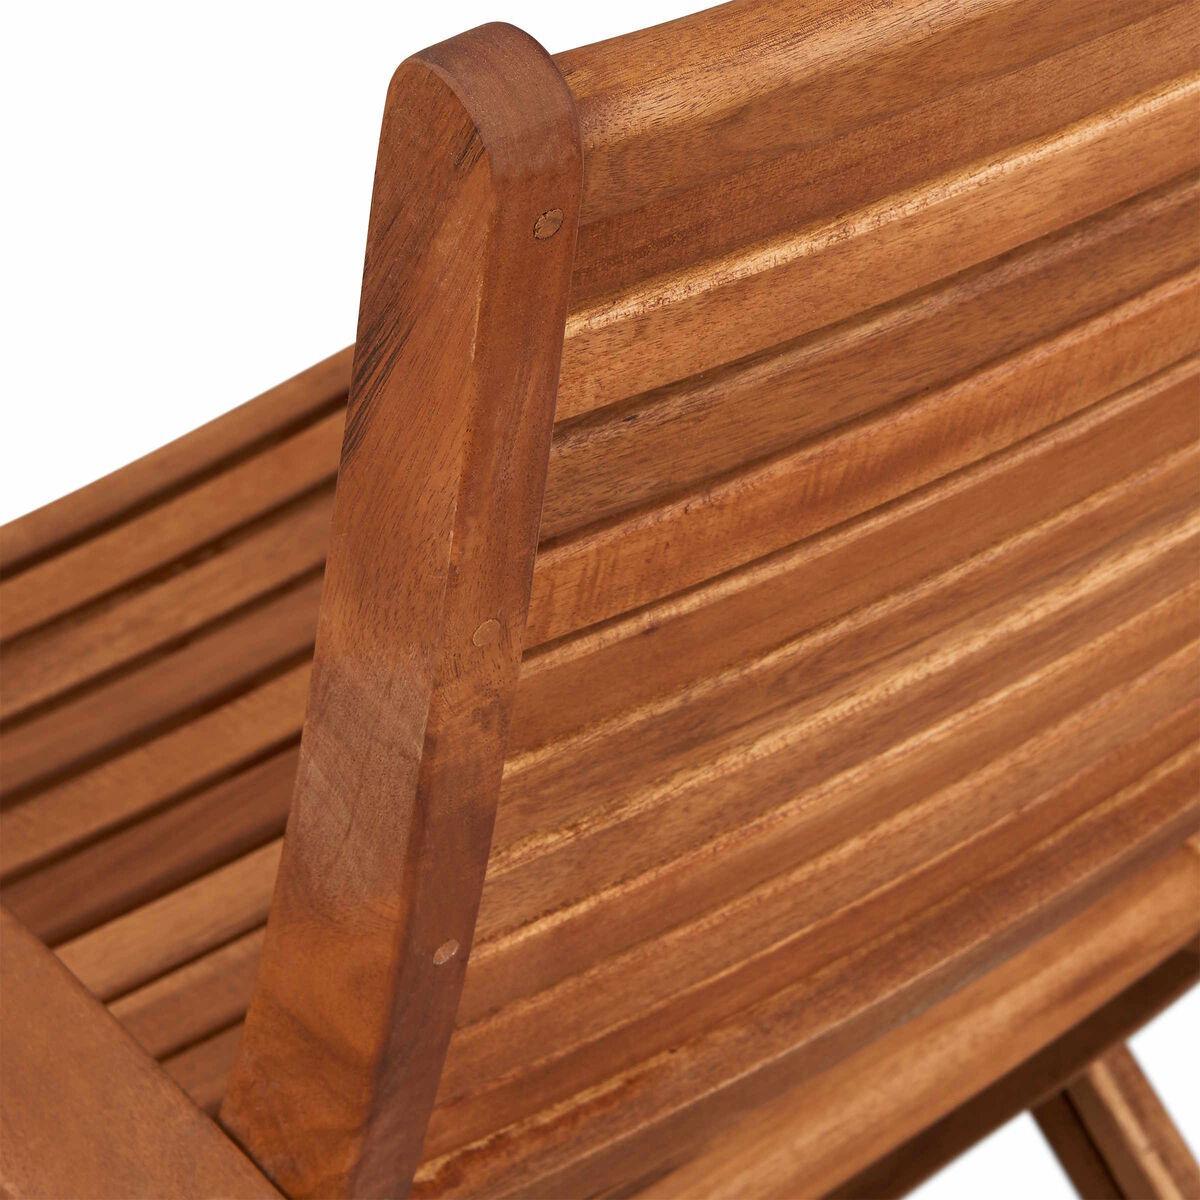 Bild 6 von SOMERSET Stuhl mit Armlehne